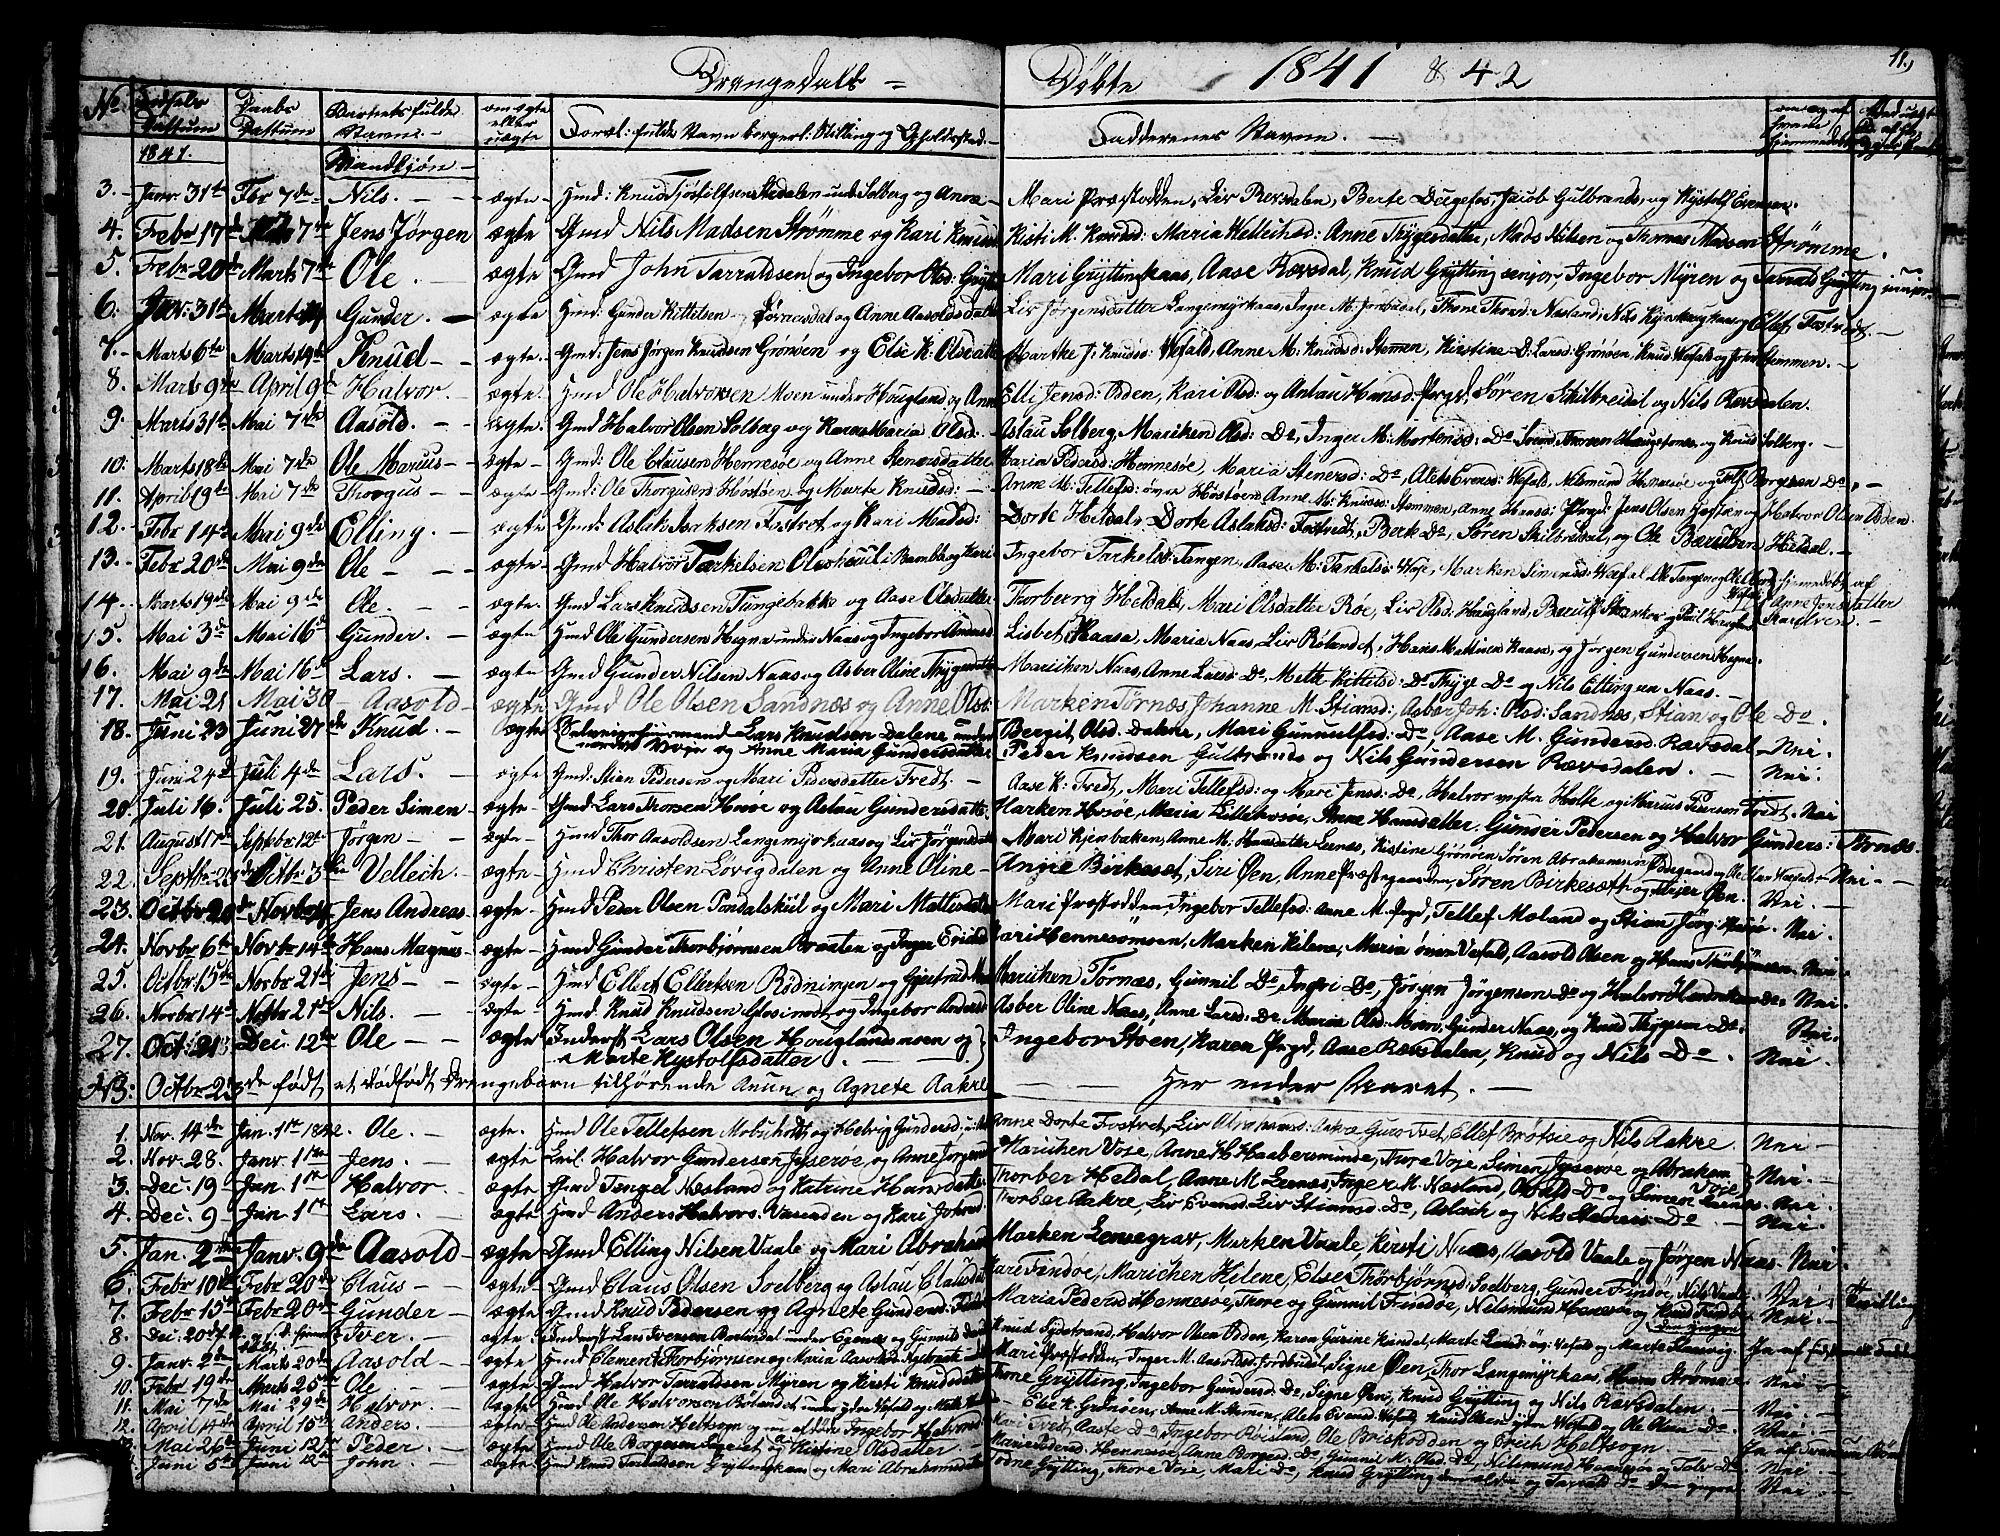 SAKO, Drangedal kirkebøker, G/Ga/L0001: Klokkerbok nr. I 1 /1, 1814-1856, s. 11